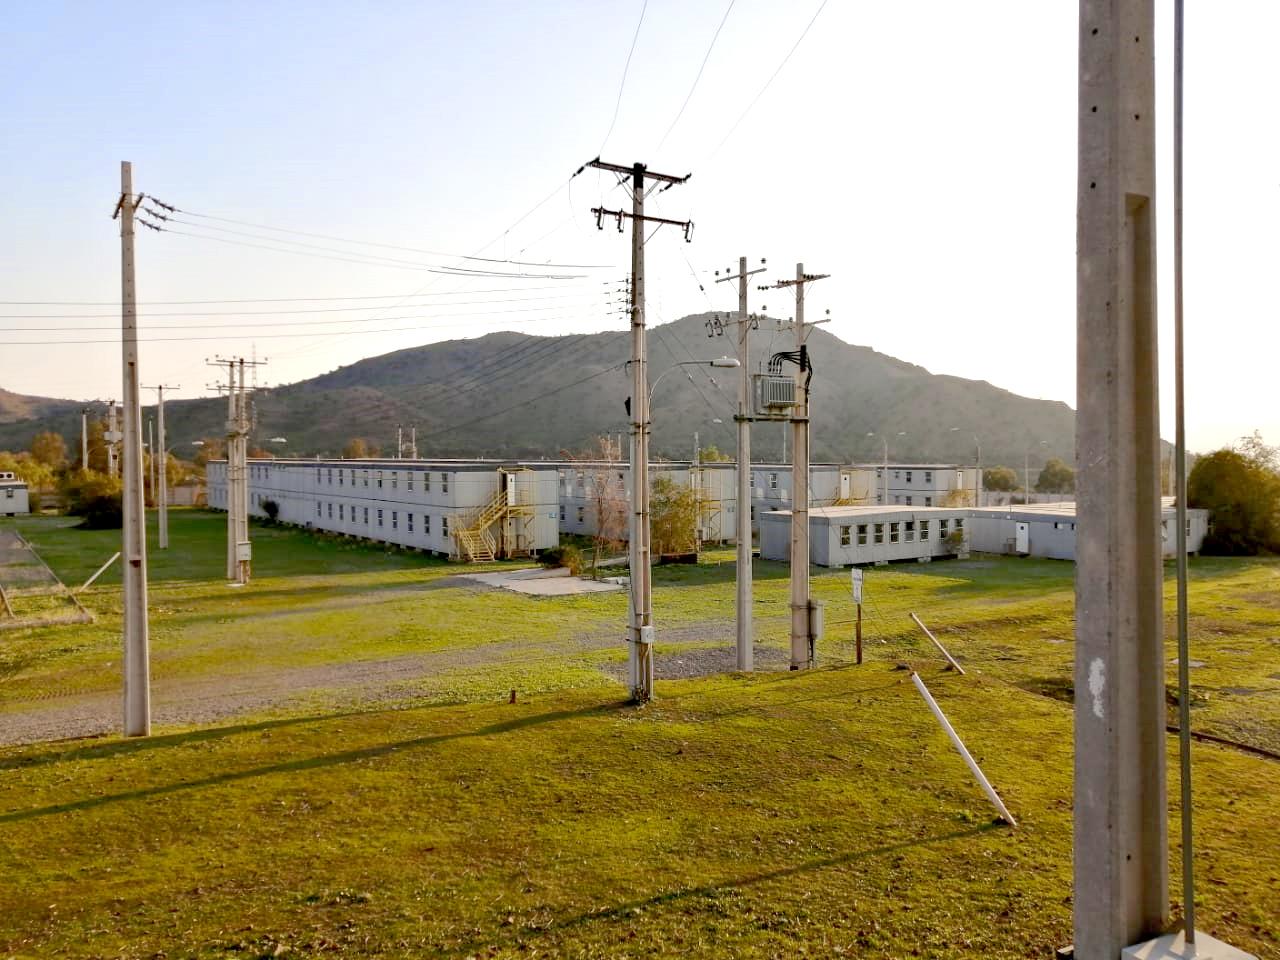 Estructuras modulares donadas por Anglo American, donde alojaba personal que trabajó en el desarrollo de la mina Los Bronces. Foto: Nicolás Massai D.